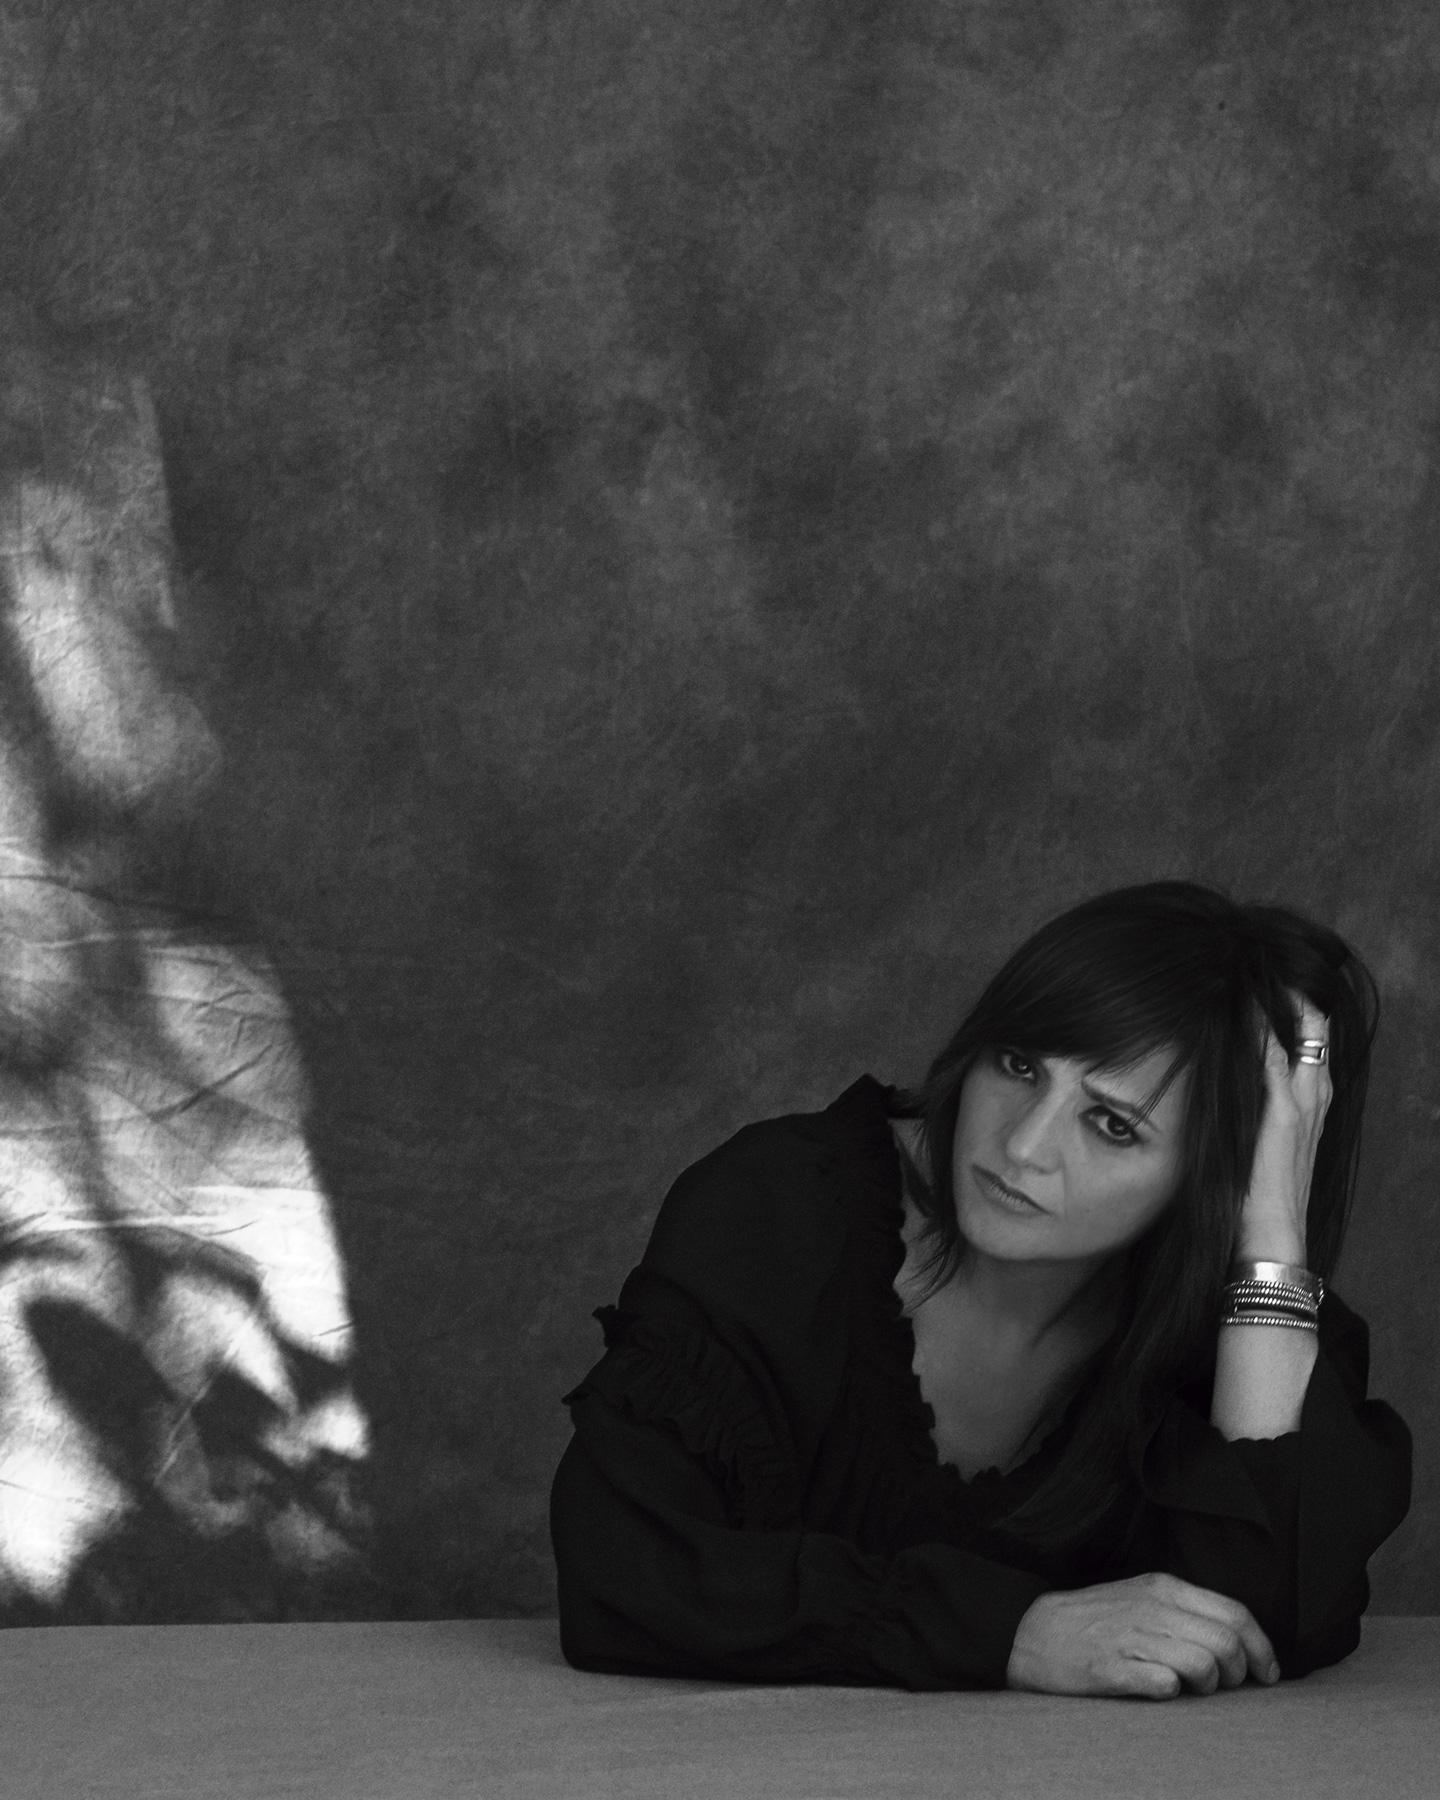 Fotografia ©Sorin Opait (com produção de Paulo Gomes)